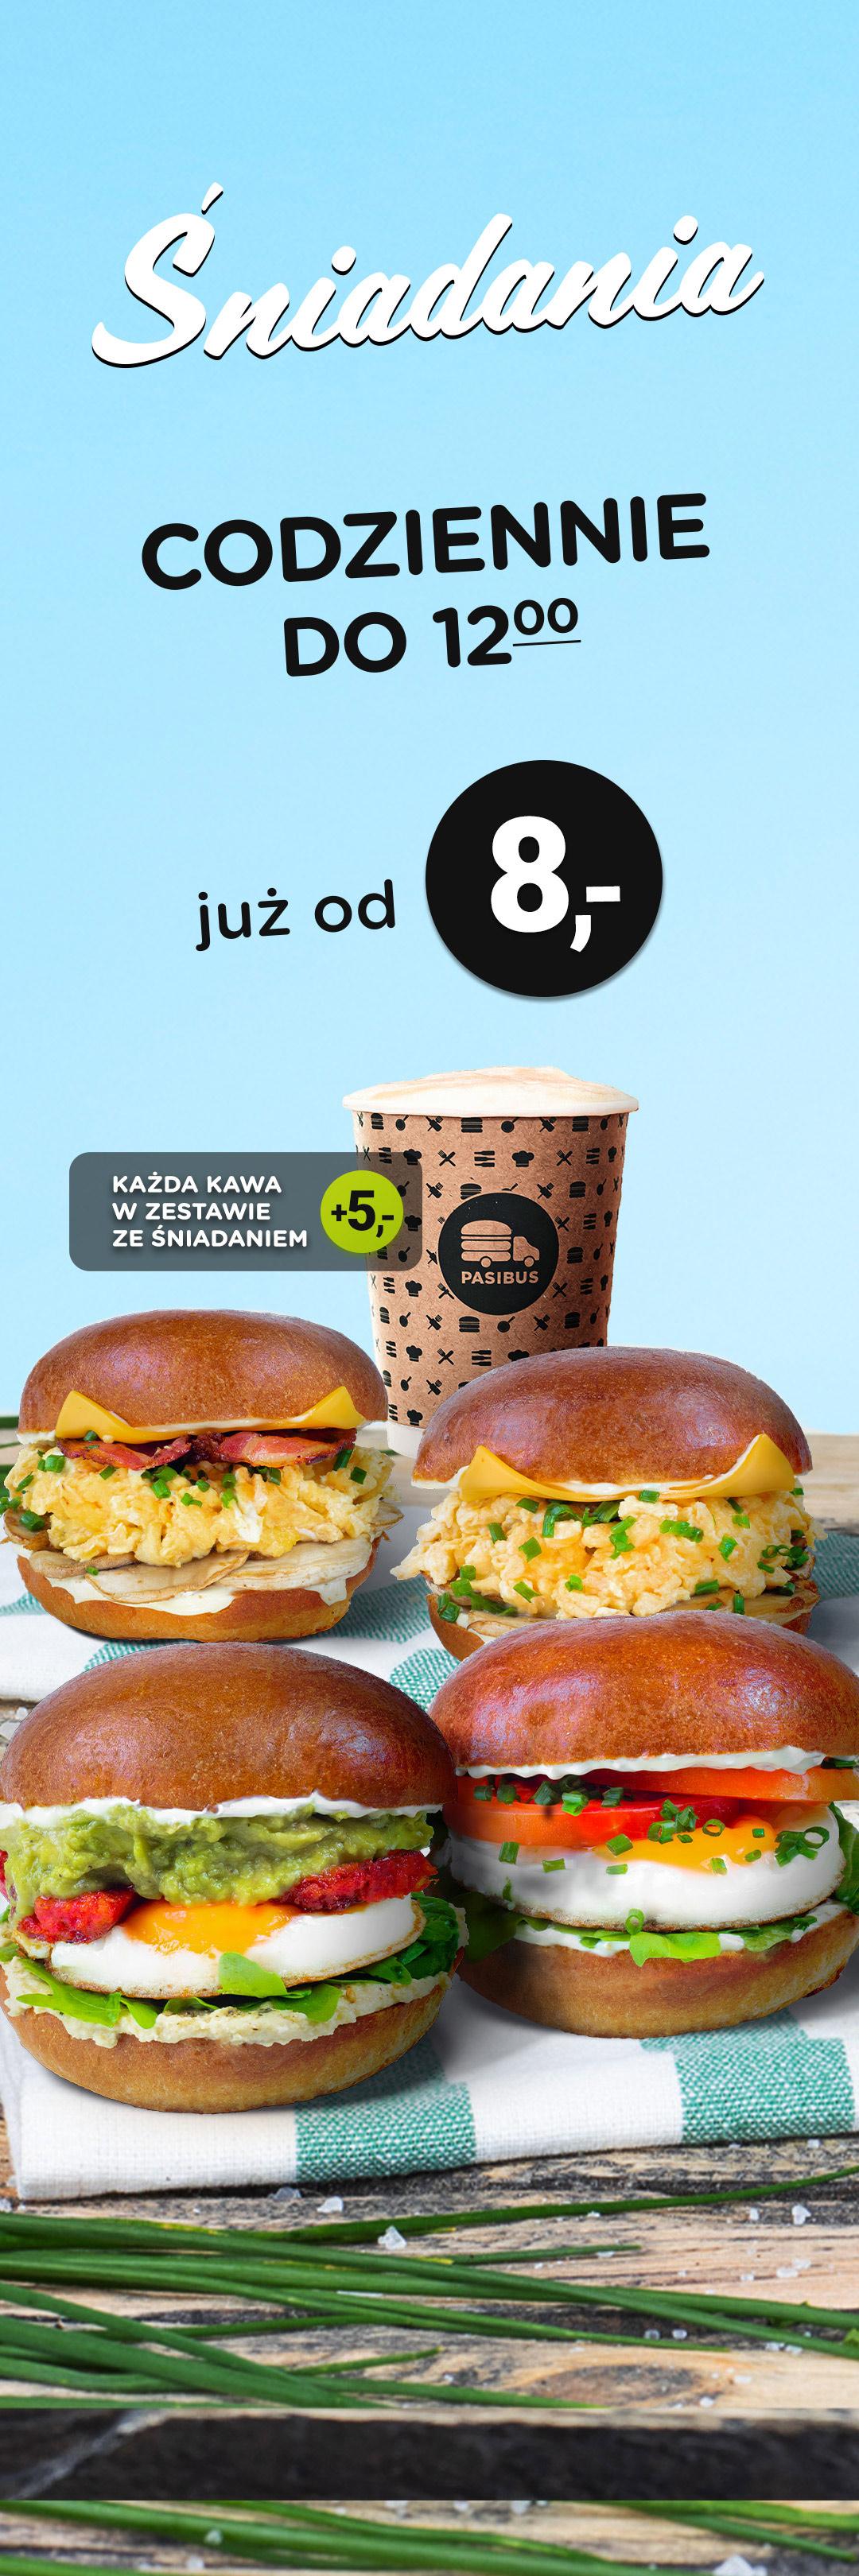 Nowość w Pasibus - menu śniadaniowe. Dostępne codziennie do 12:00